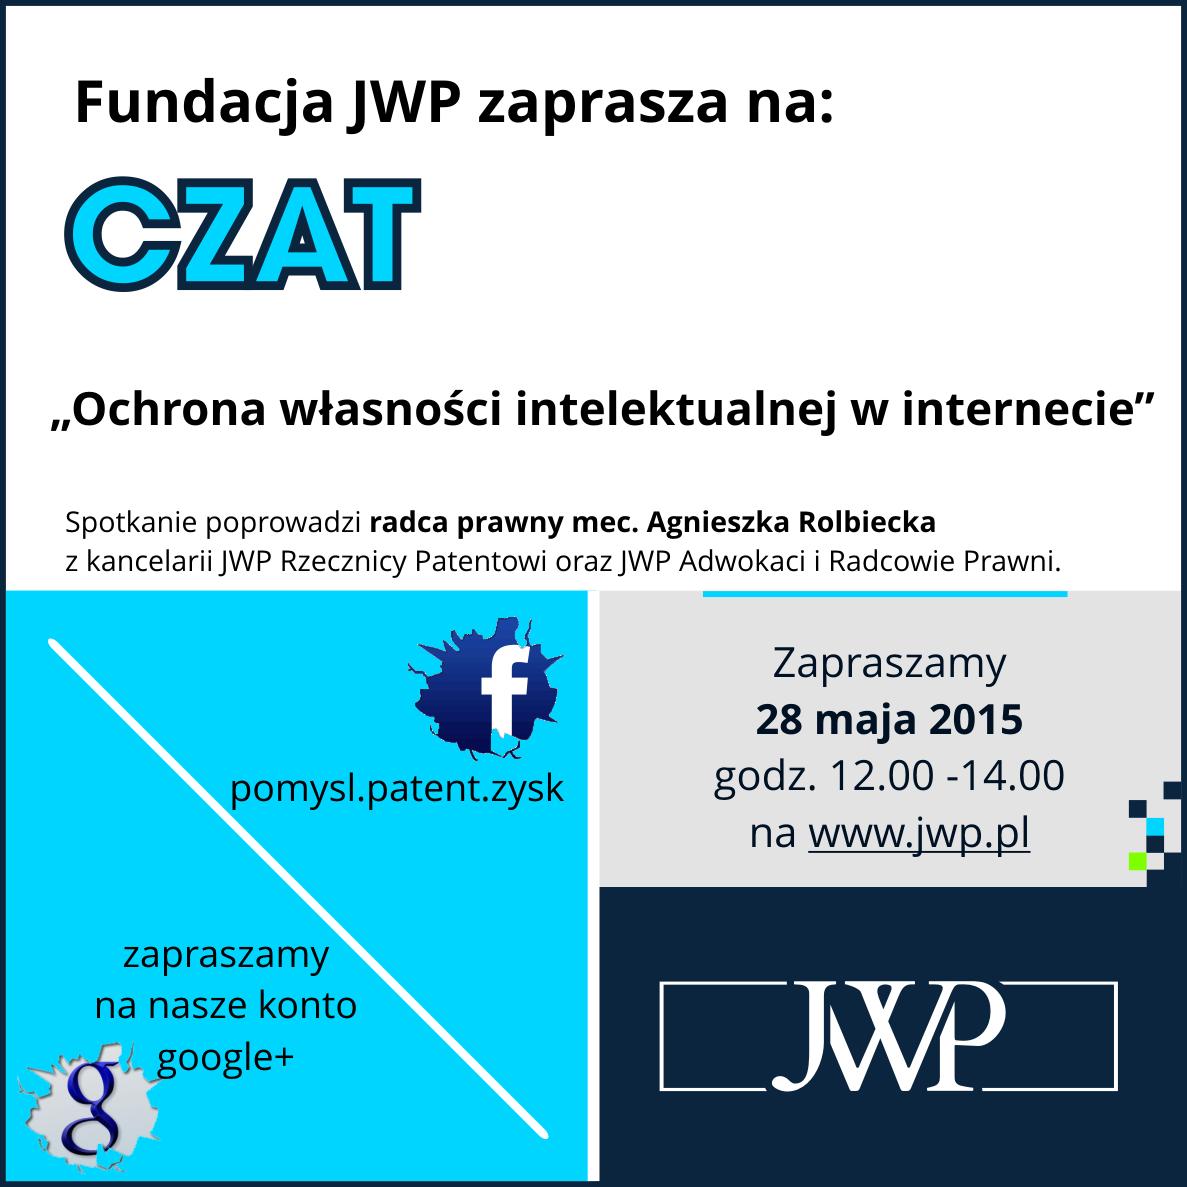 czat wp aplikacja Poznań